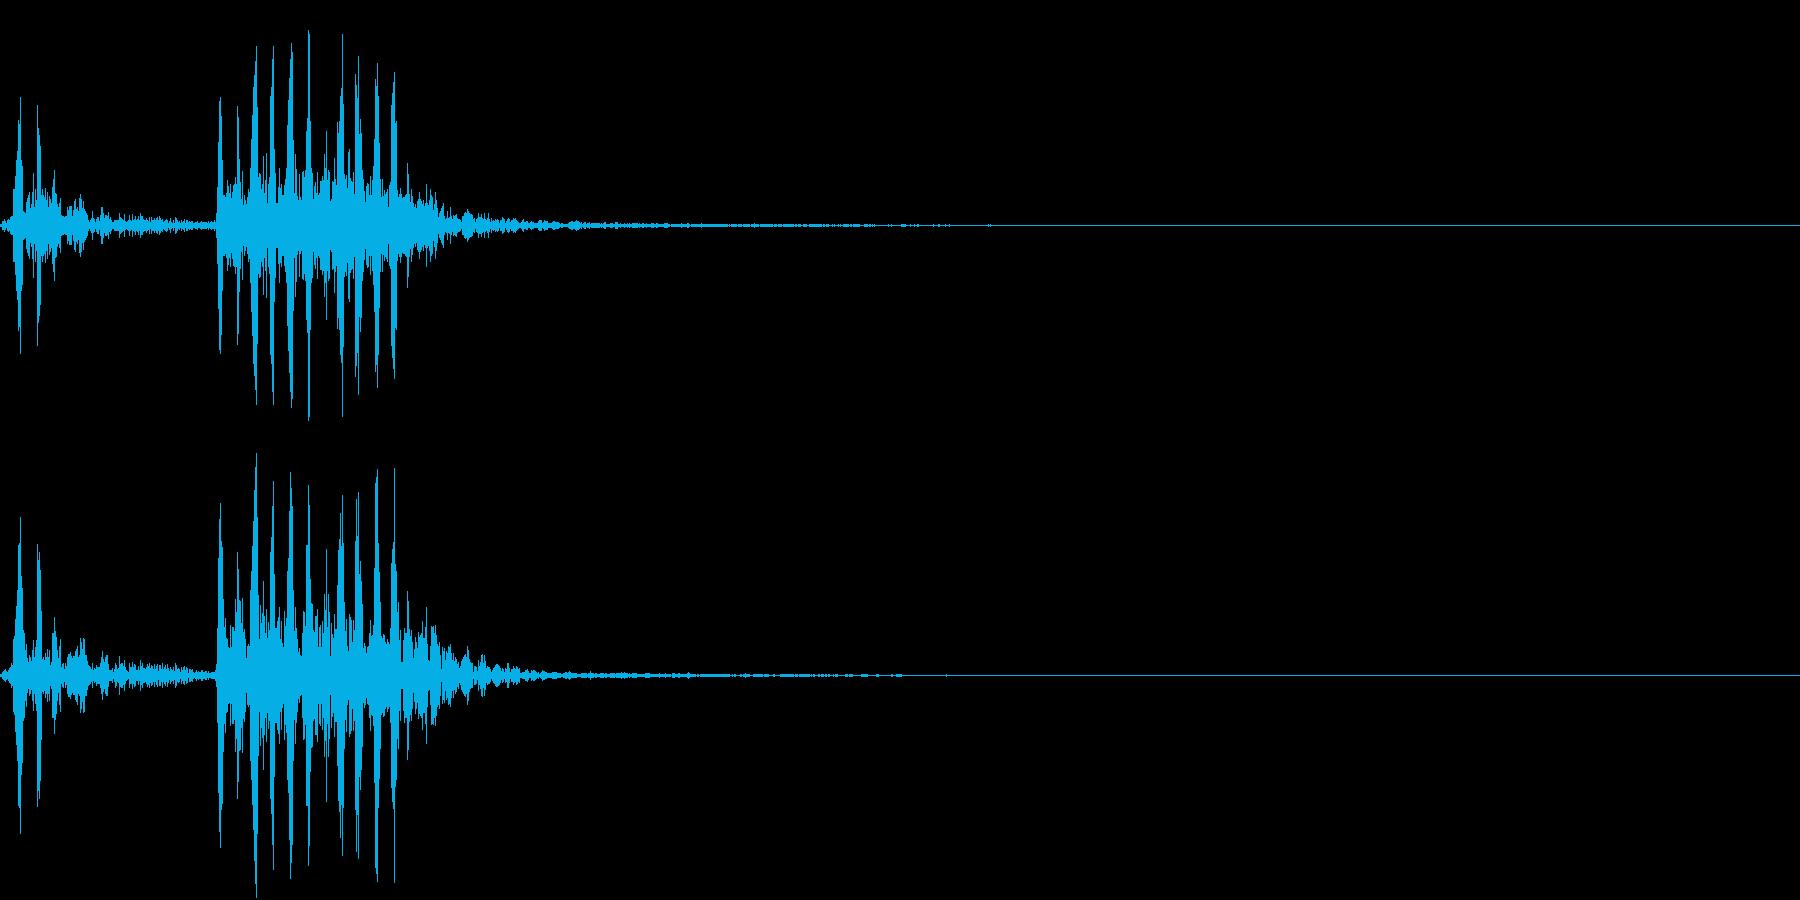 【生録音】フラミンゴの鳴き声 8の再生済みの波形